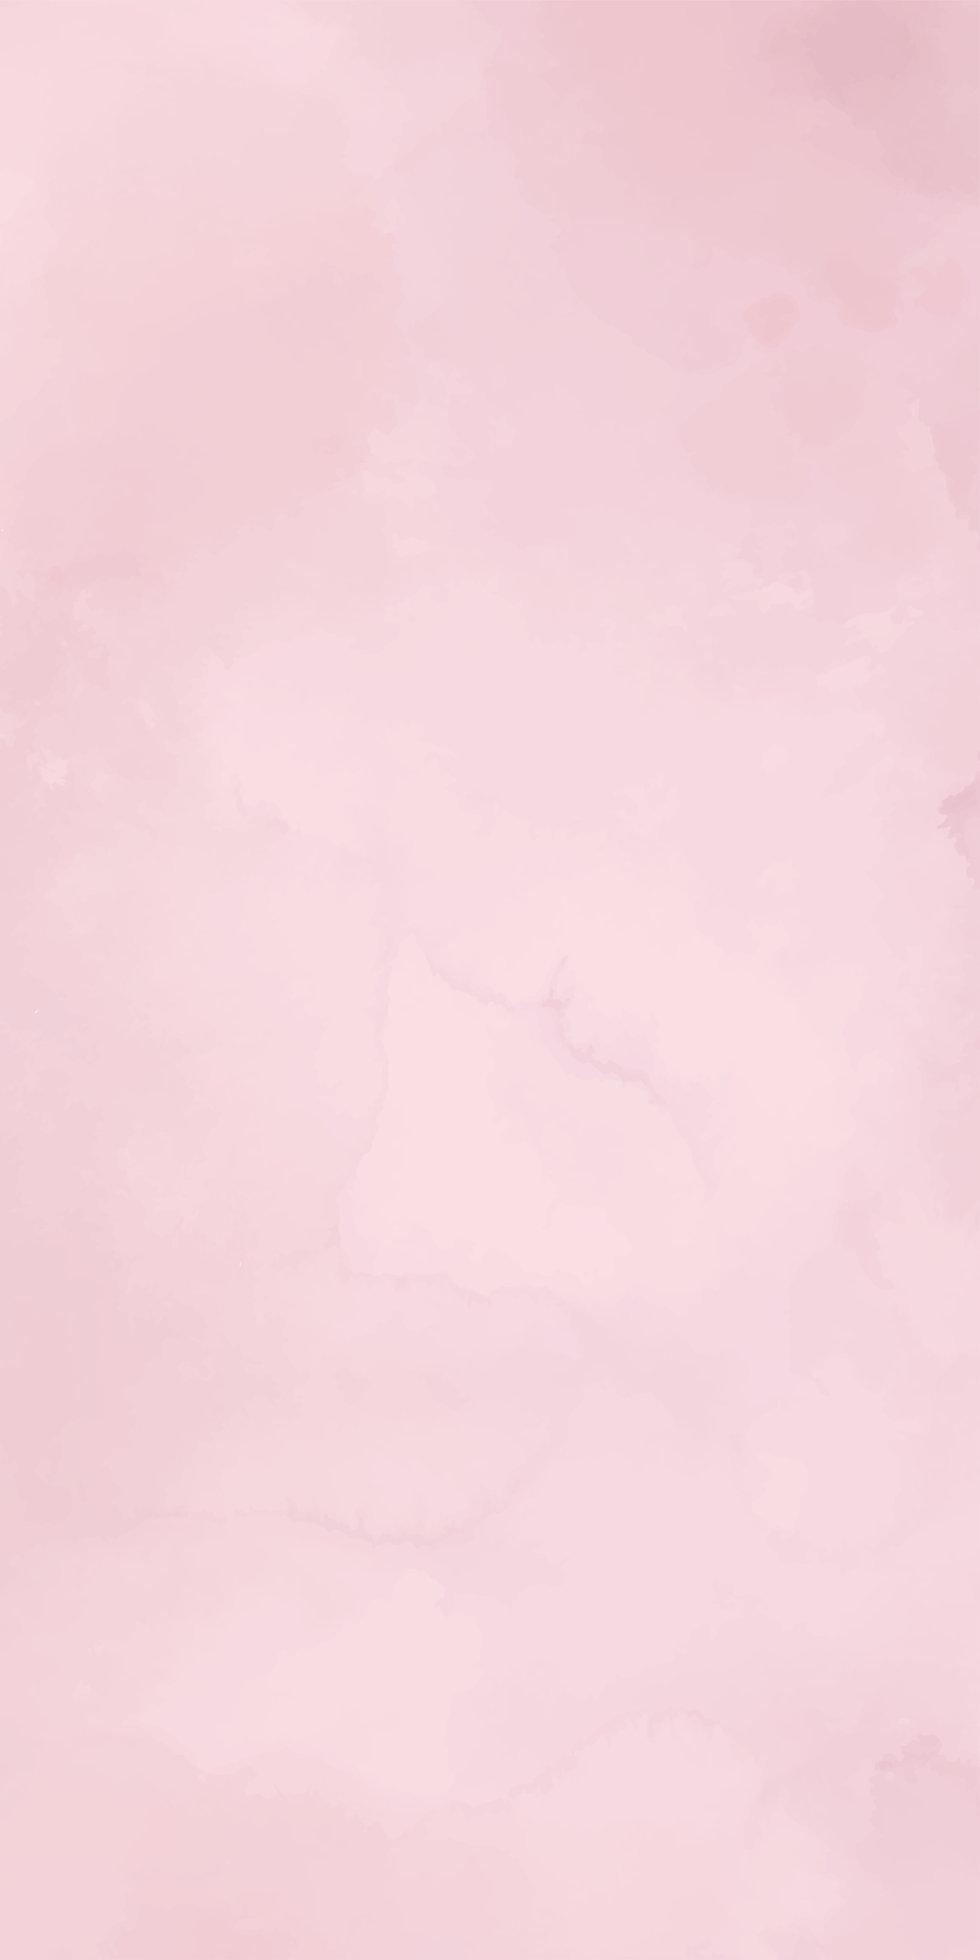 Watercolor-himbeere.jpg